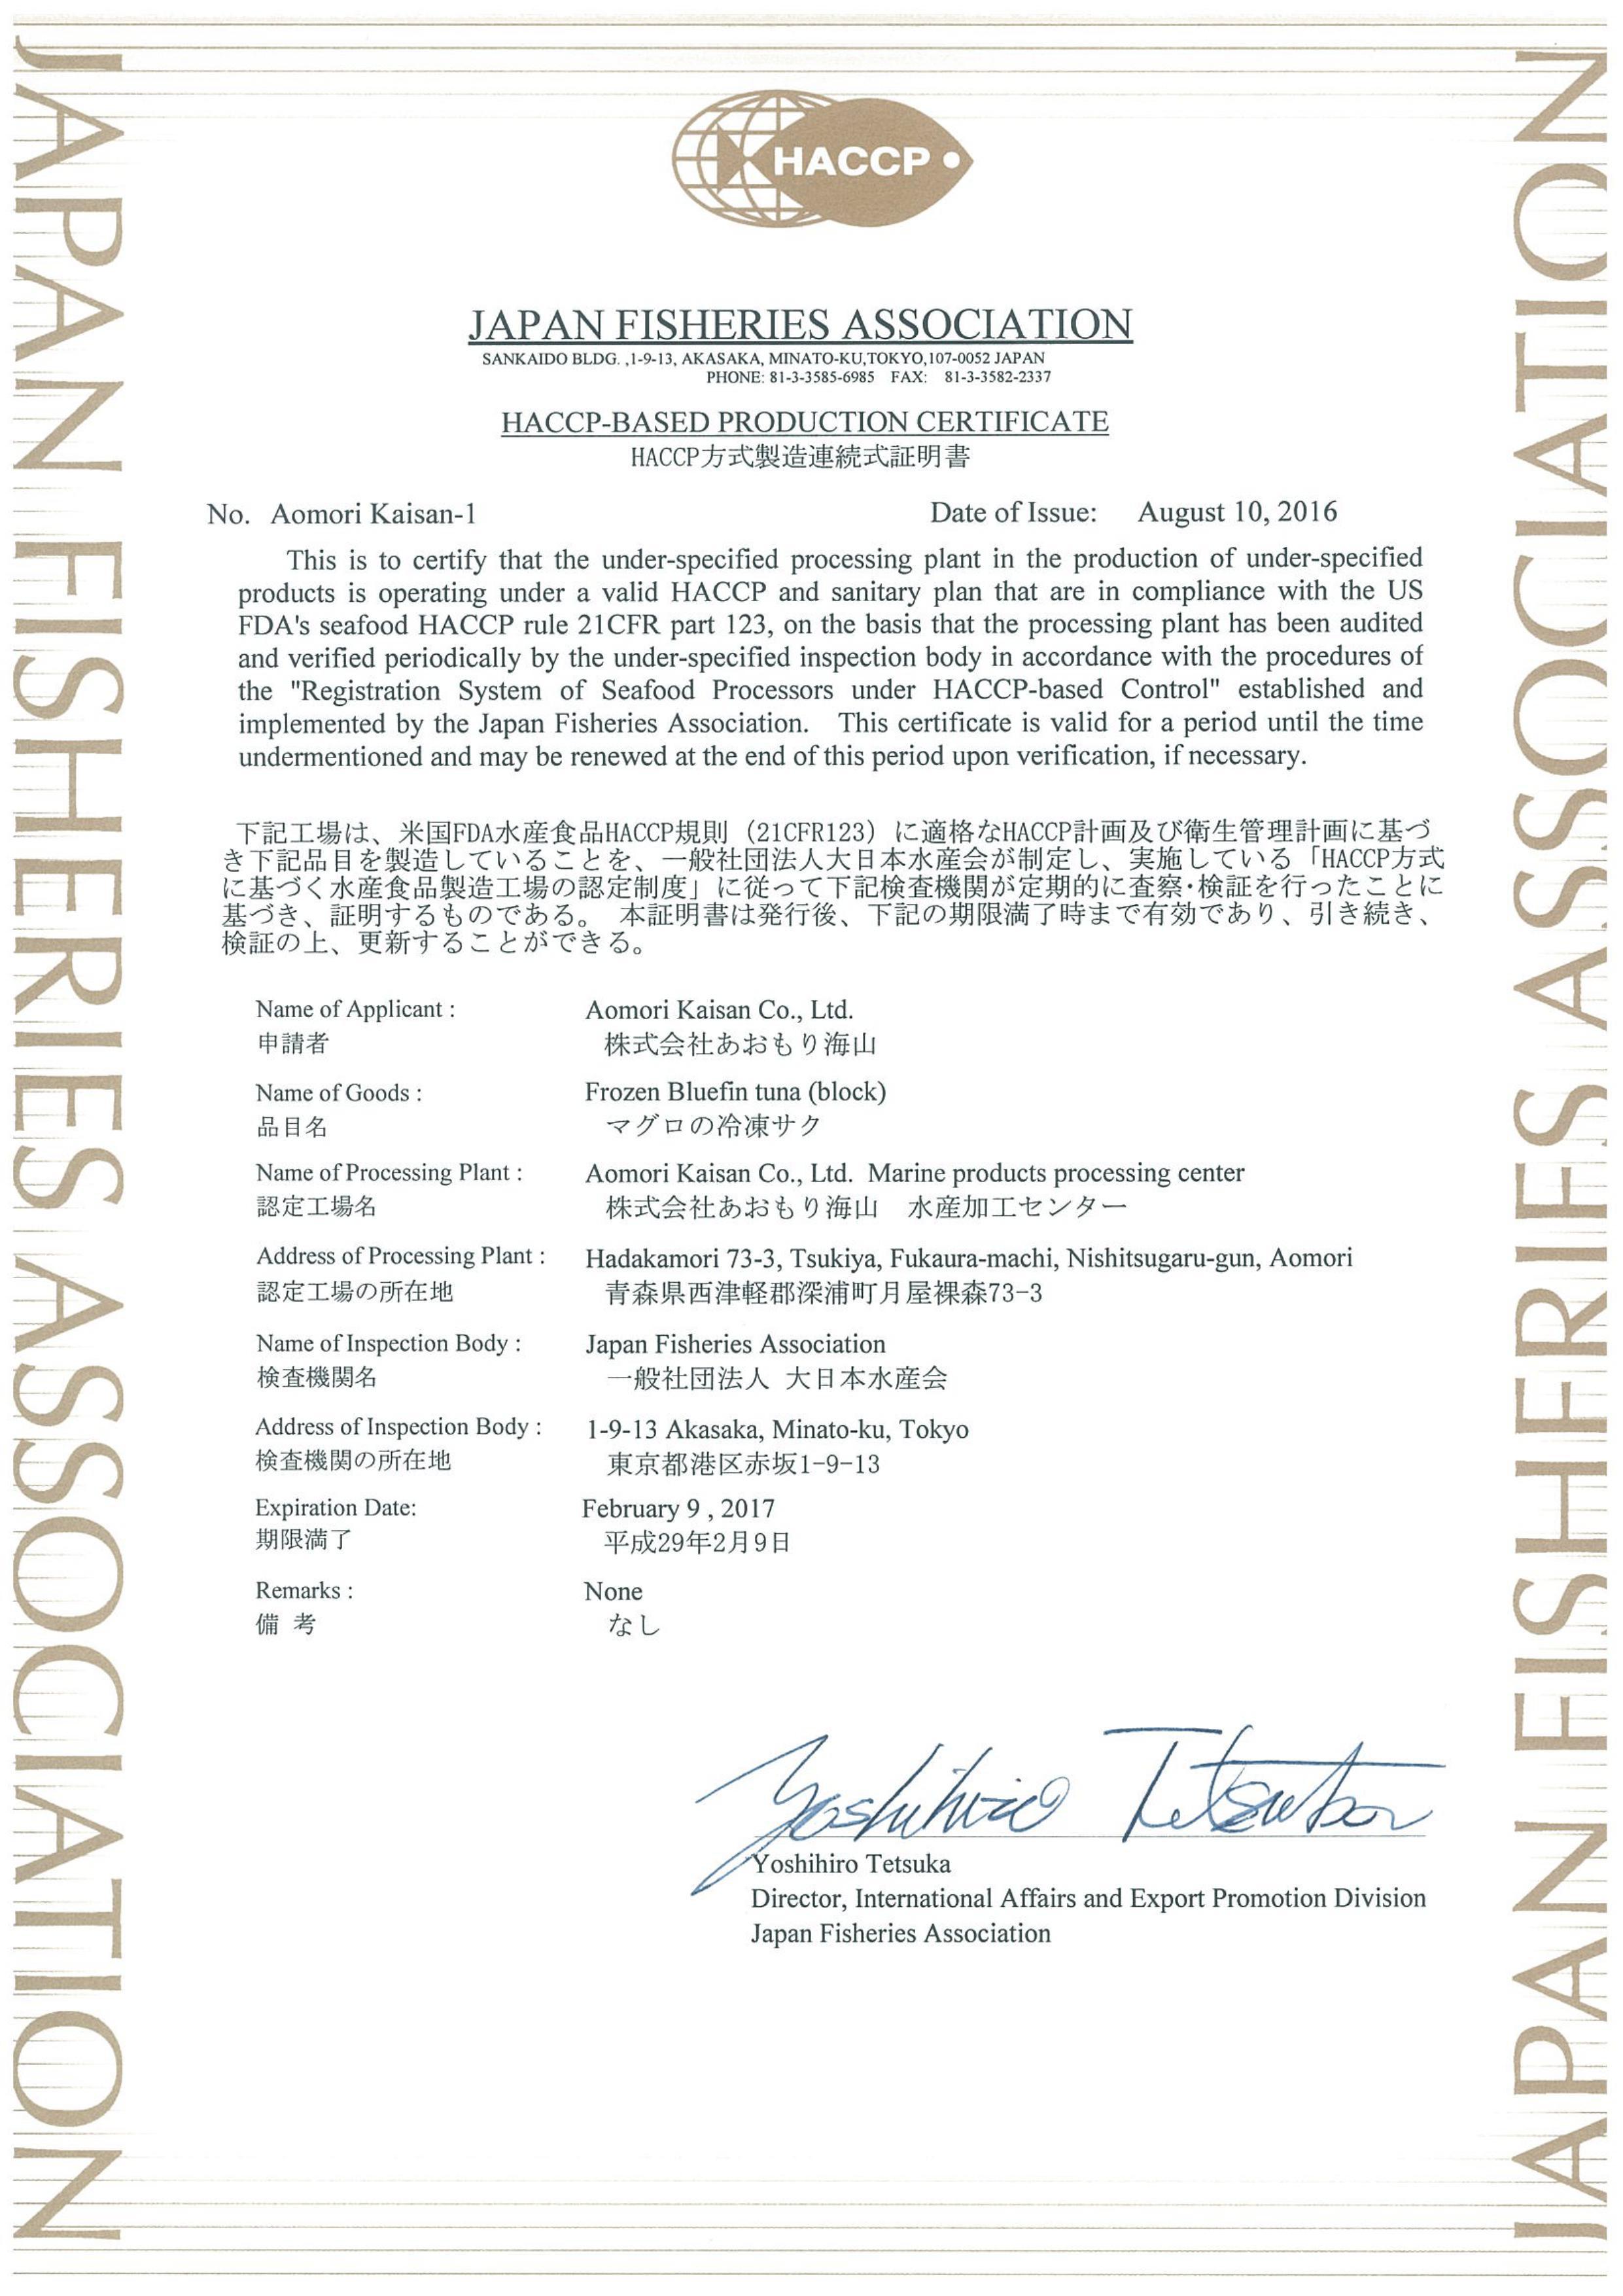 あおもり海山 HACCP(ハサップ)認定証明書02